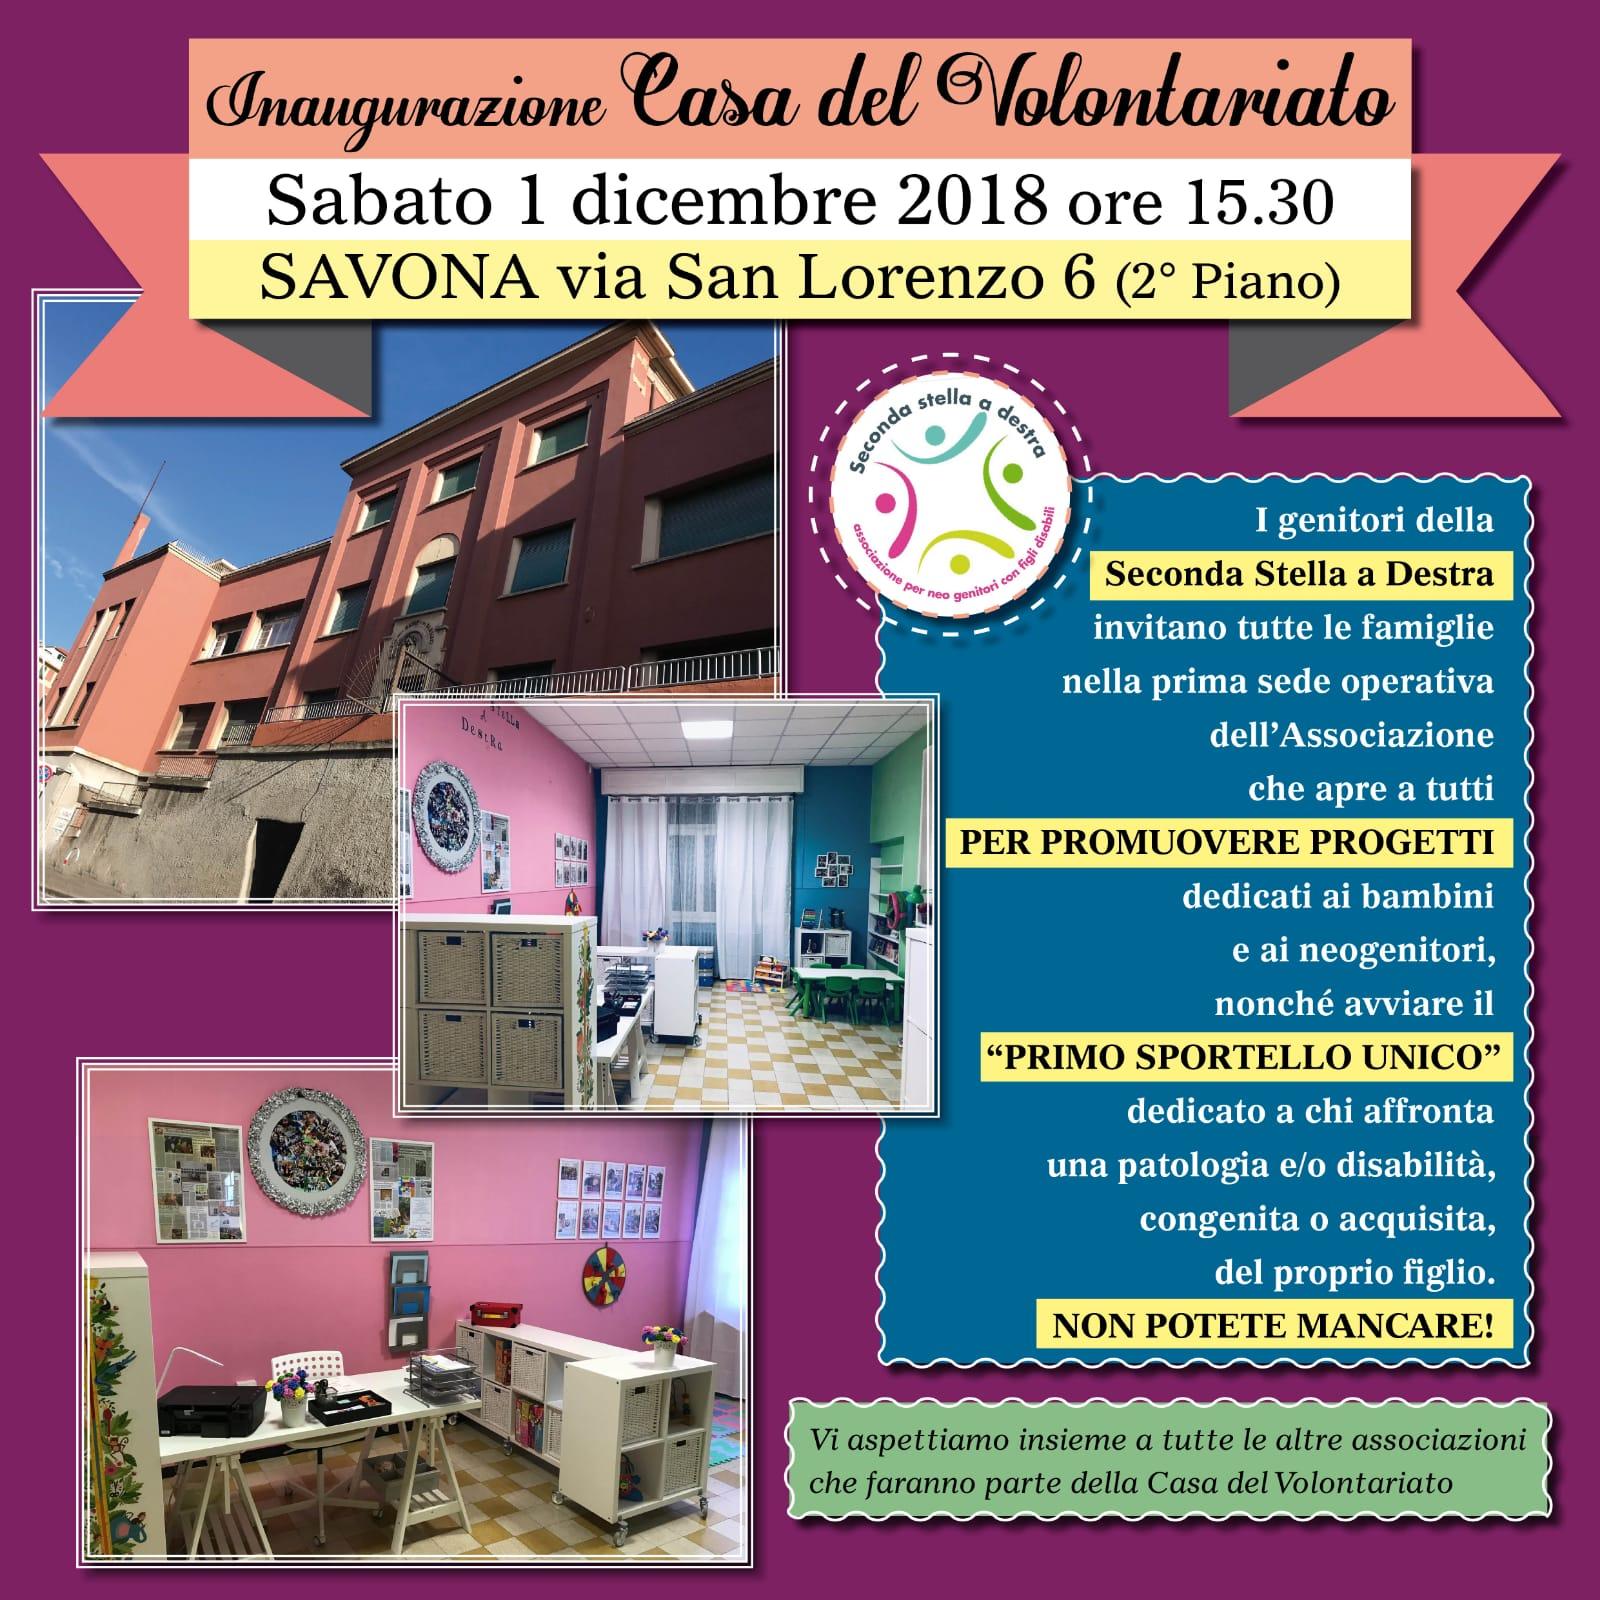 Finalmente anche Savona inaugura la Casa del Volontariato delle Associazioni